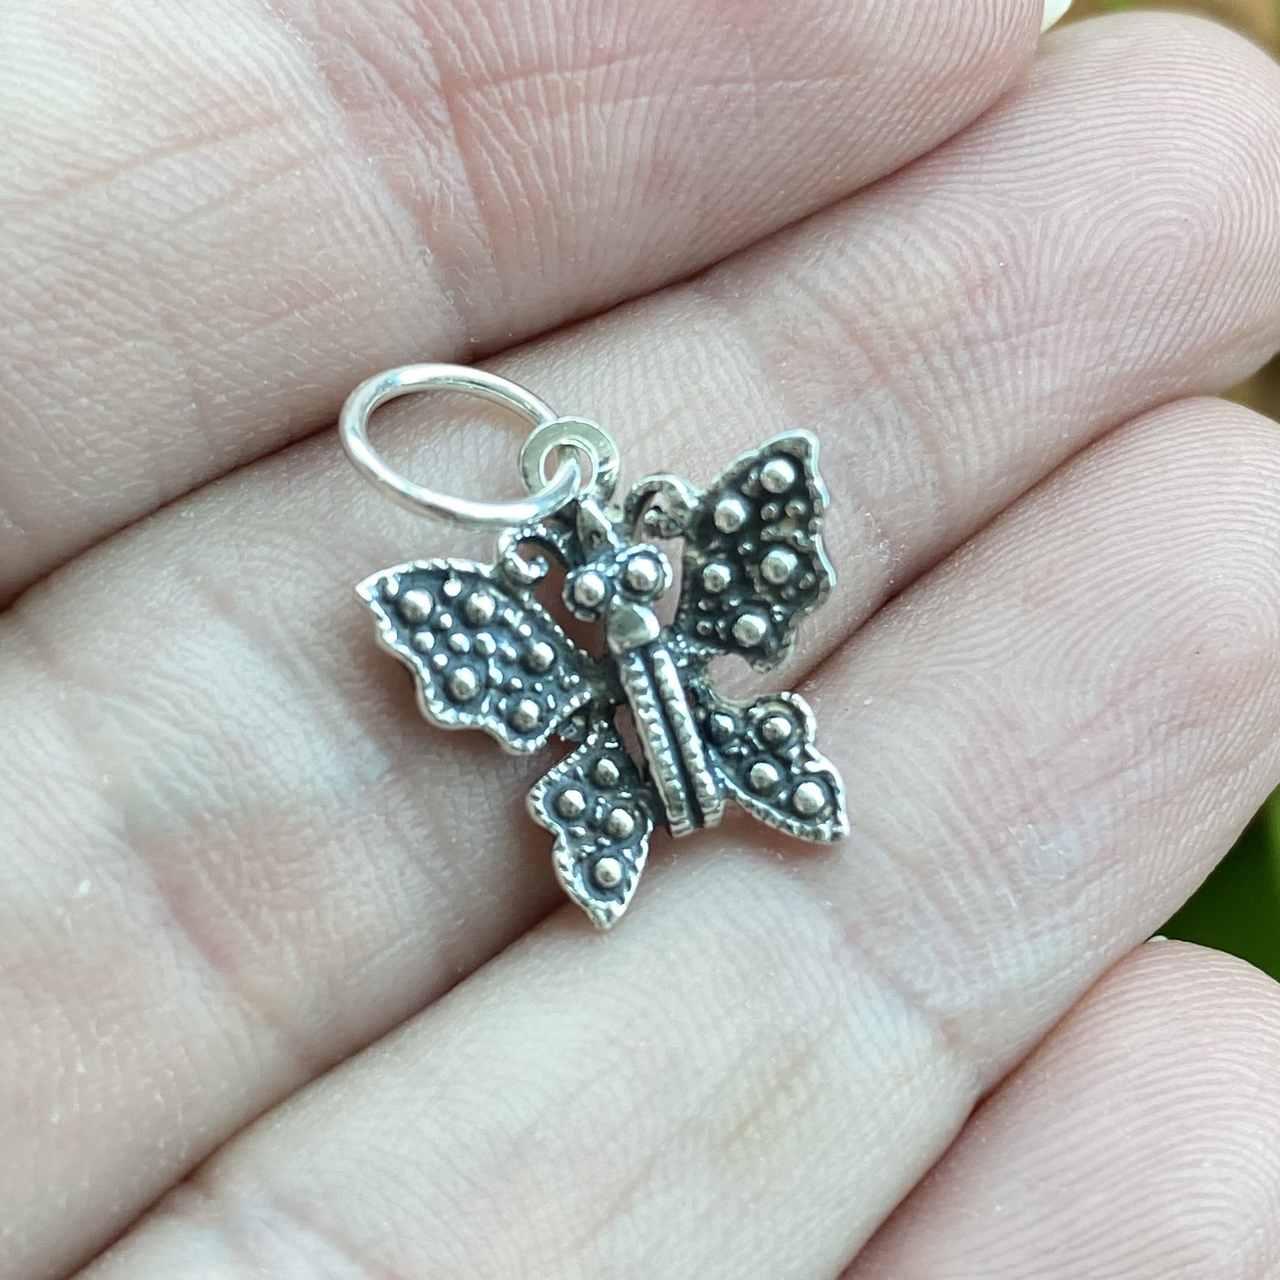 Pingente de Prata 925 Borboleta Envelhecida 2cm